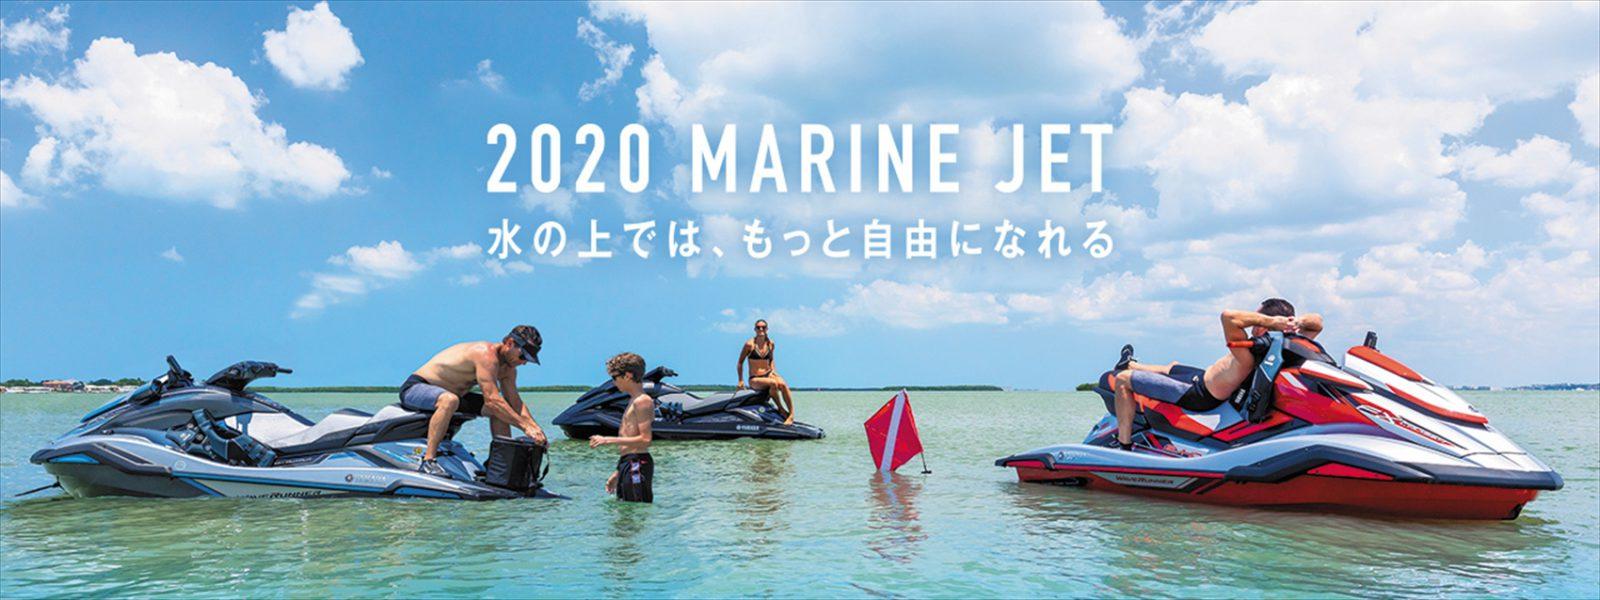 ★2020年モデル ヤマハ★ 各メーカー新艇ご予約受付中!